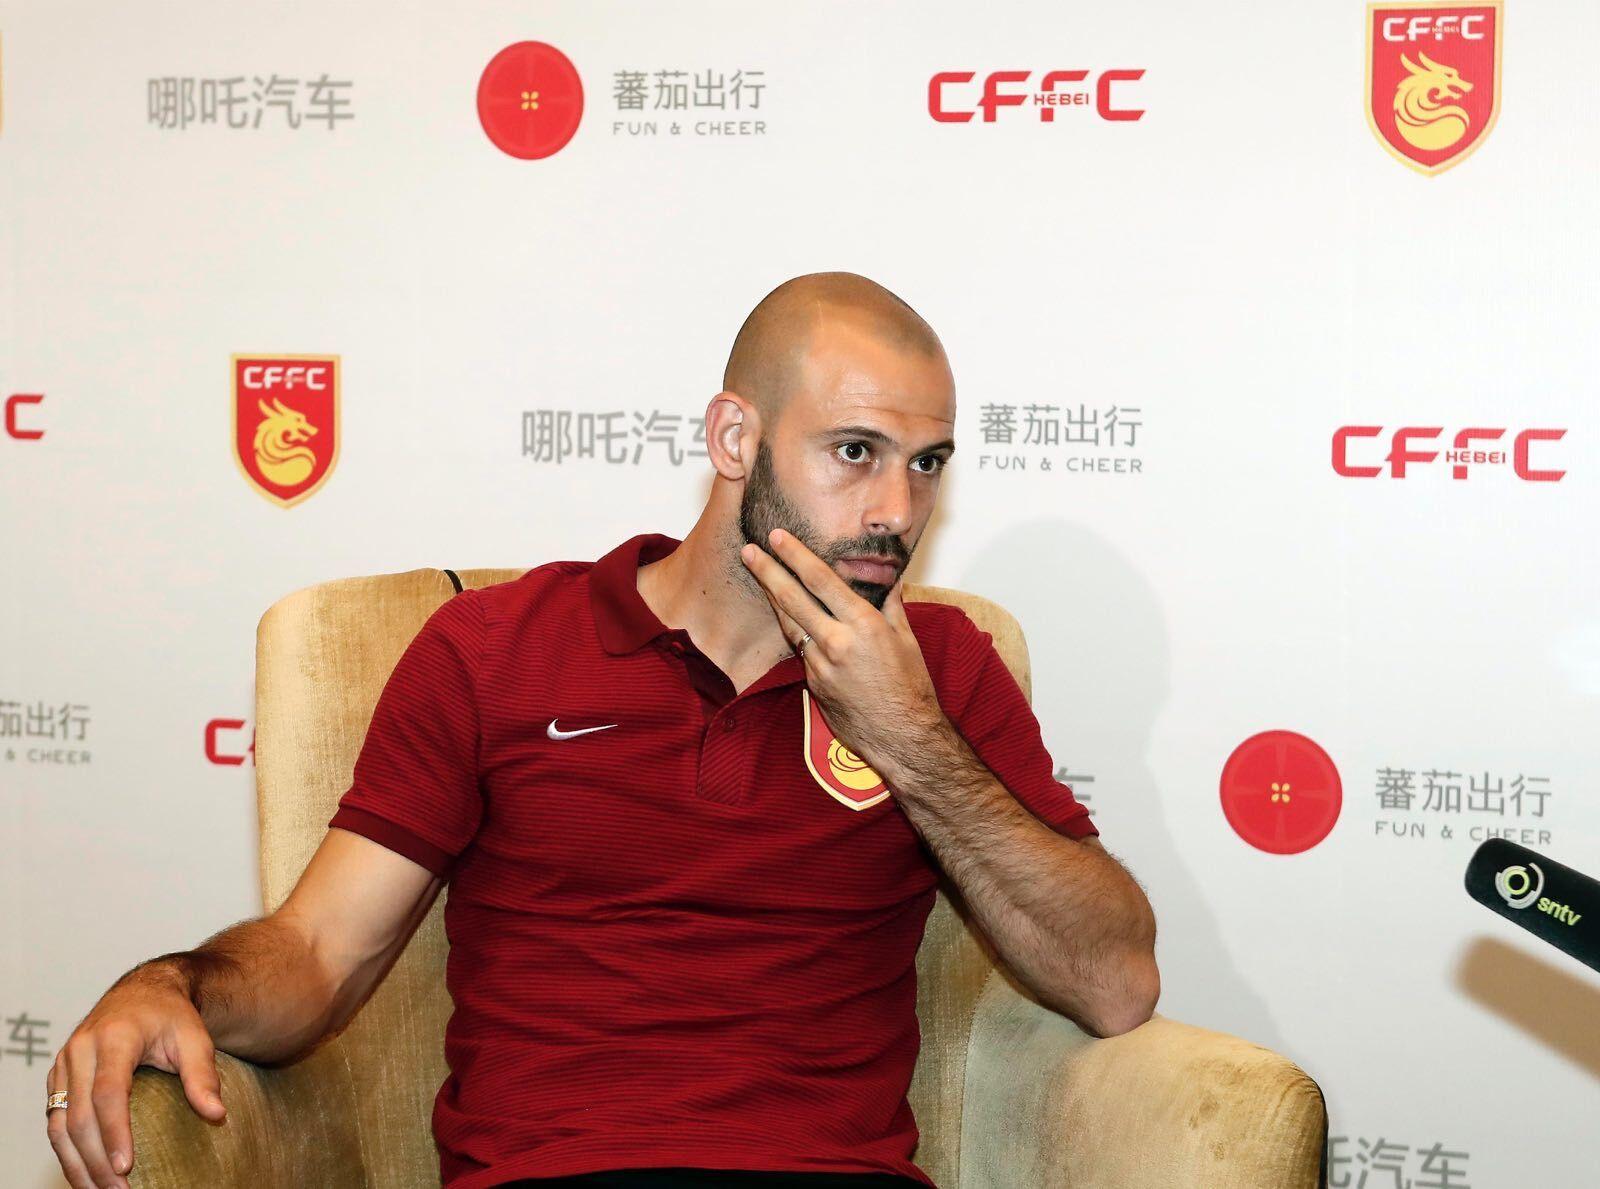 小马哥笑答梅西是否来中国踢球:我也不知道他怎么想